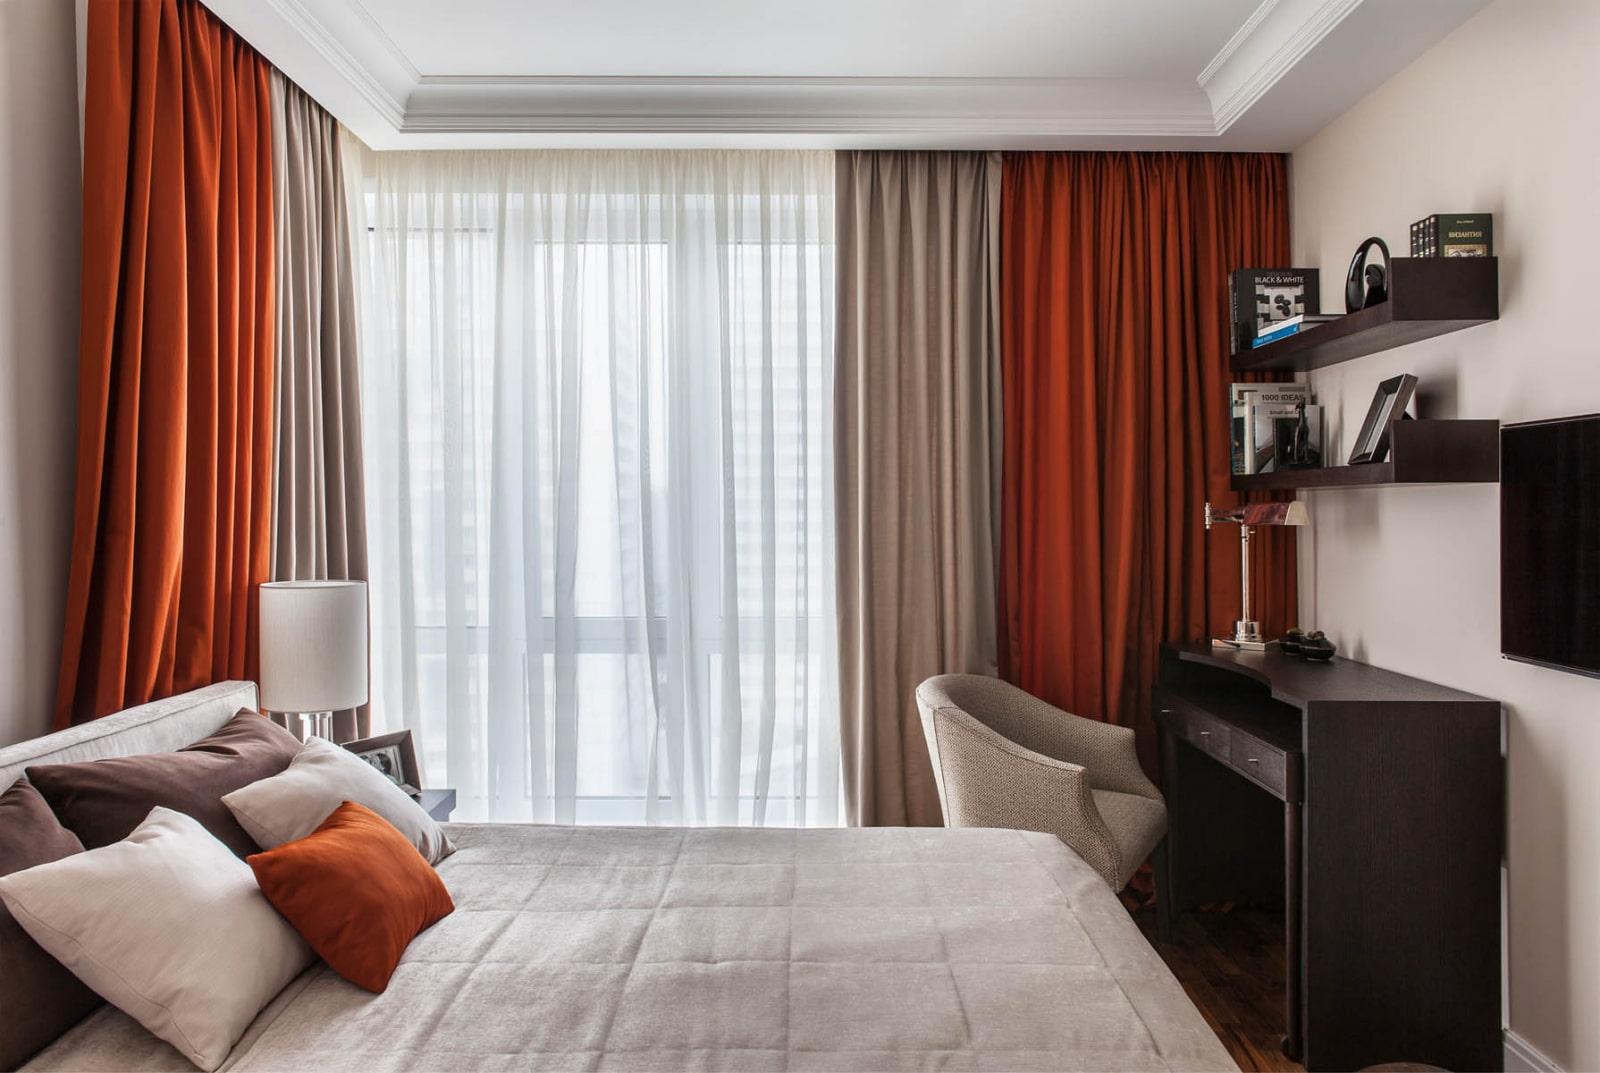 Шторы для маленькой спальни: разновидности и рекомендации по выбору